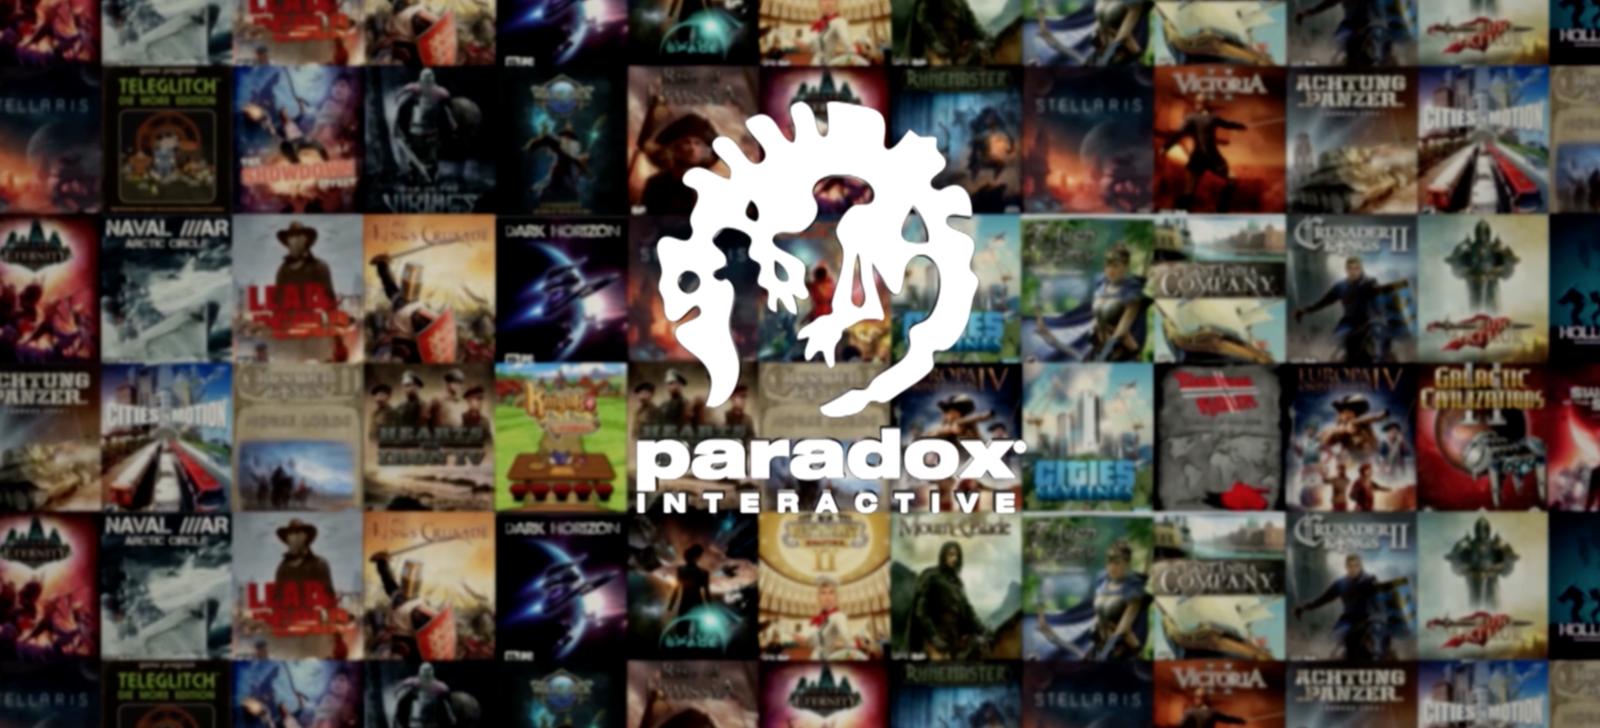 Paradox Interactive отчитались за первый квартал 2020 года.